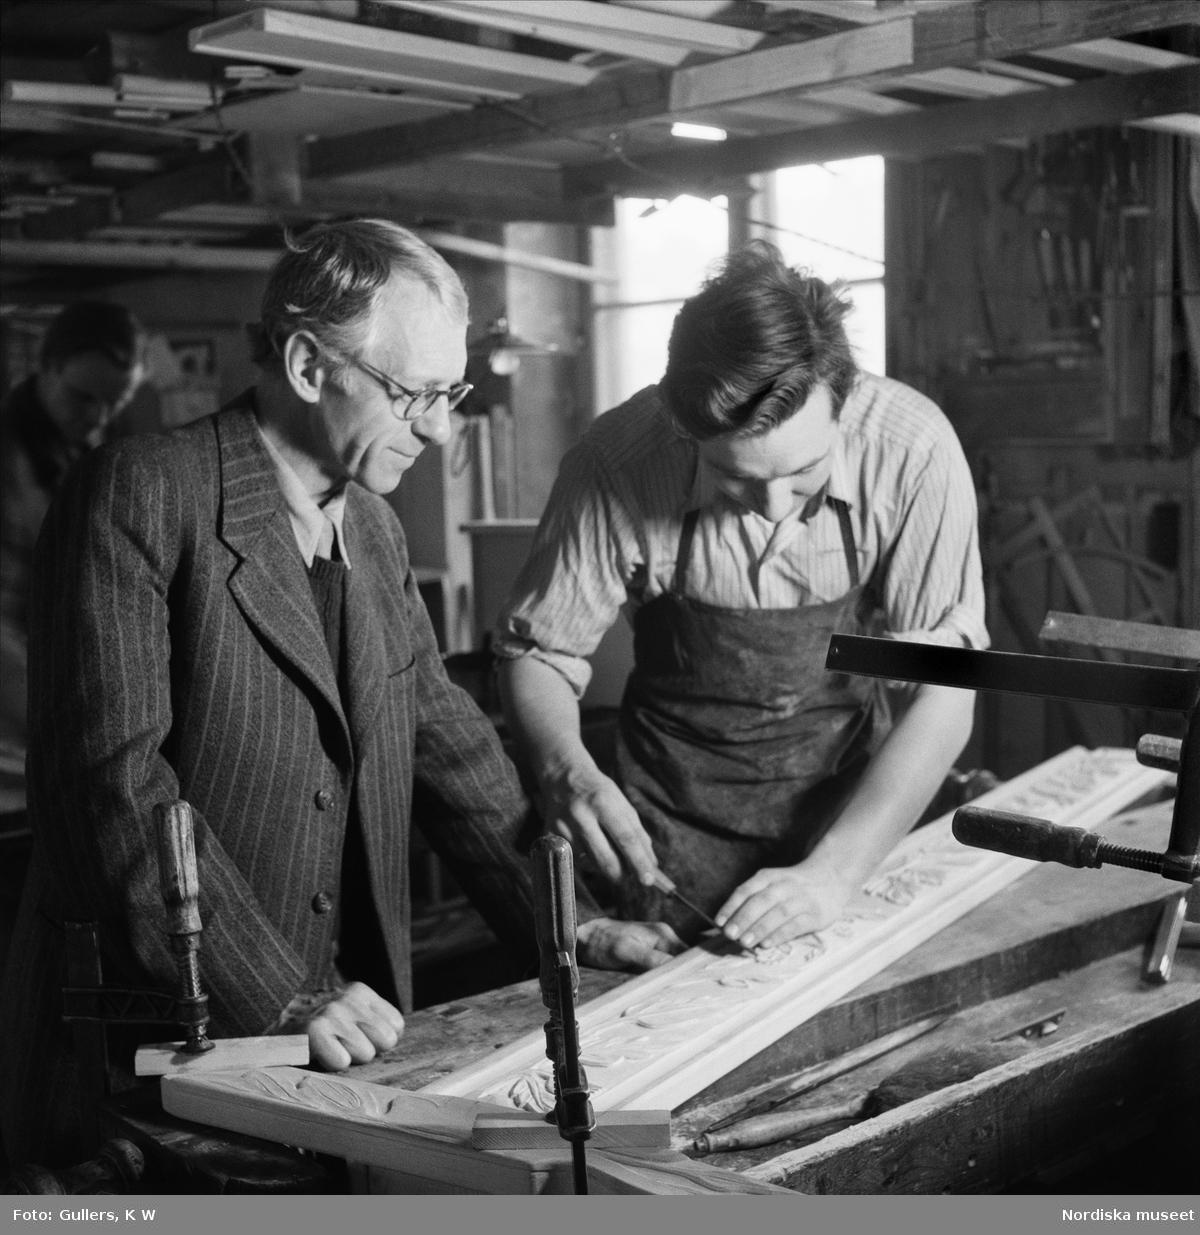 Professor Carl Malmsten, möbelformgivare och inredningsarkitekt, i snickeriverkstad tillsammans med snickare.